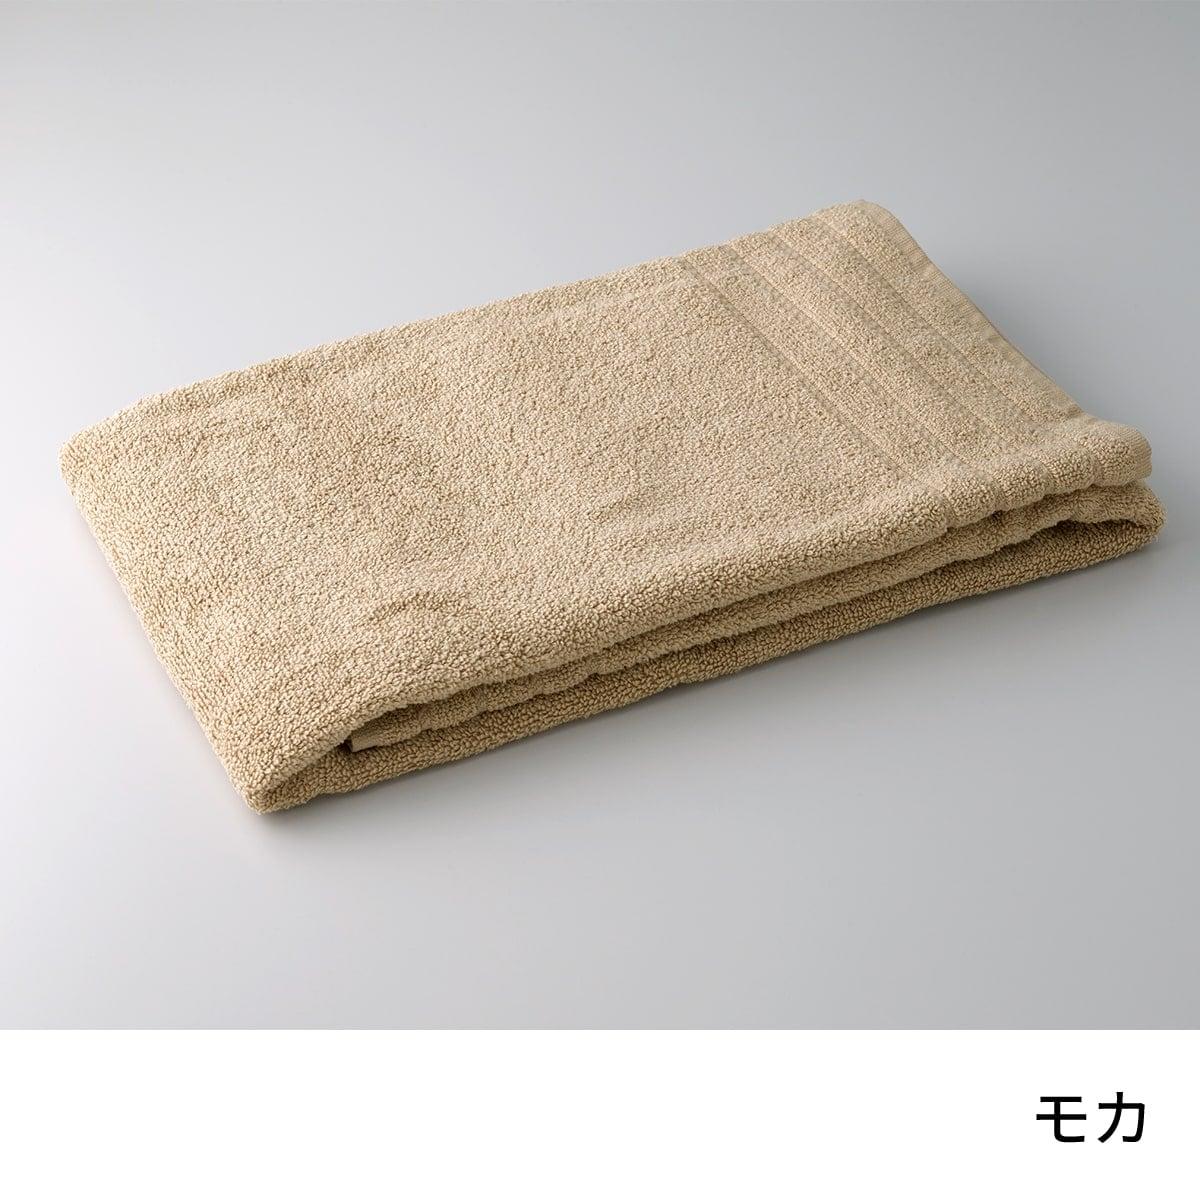 マイクロコットン タオル 高級 ギフト タオル おすすめ ギフト